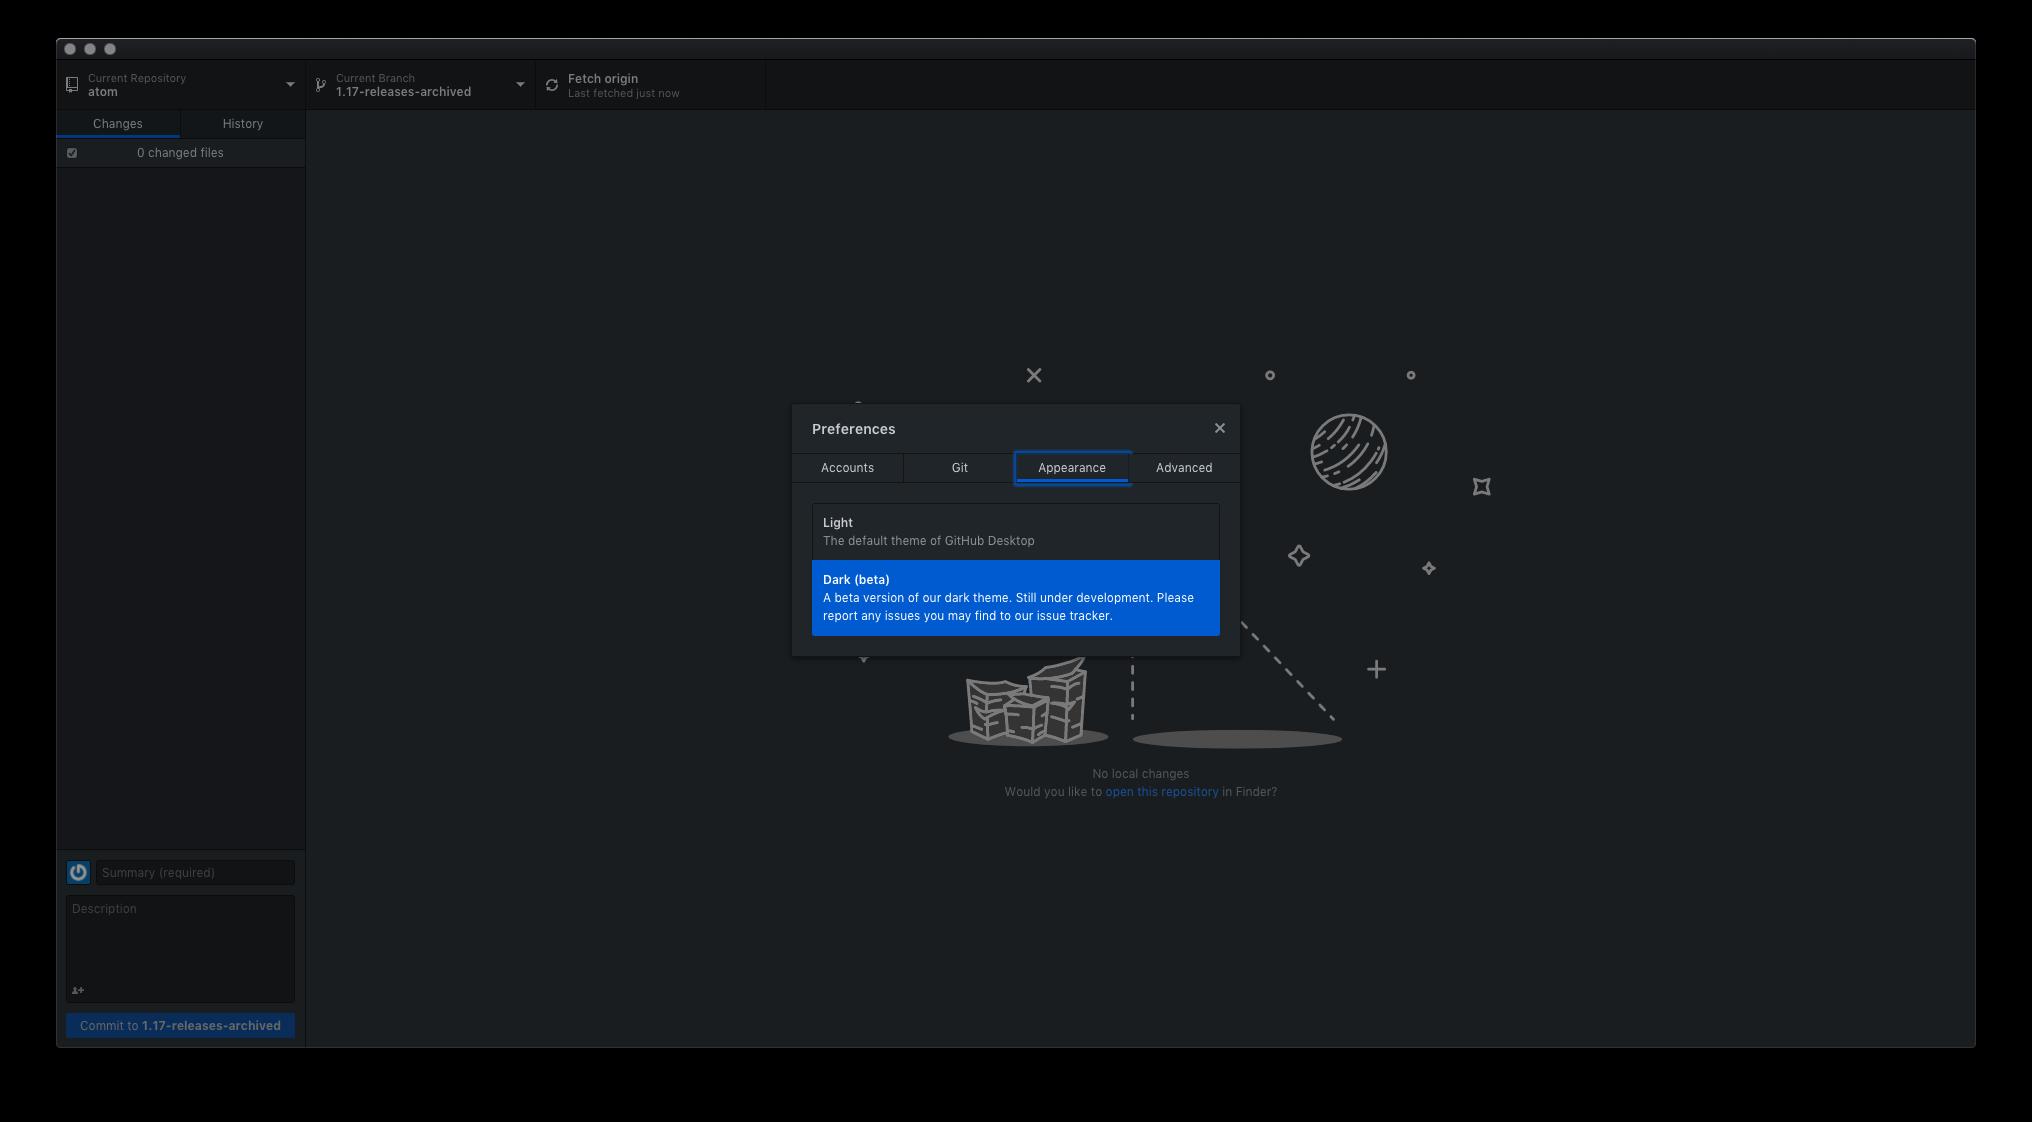 Github-desktop-dark-mode-1